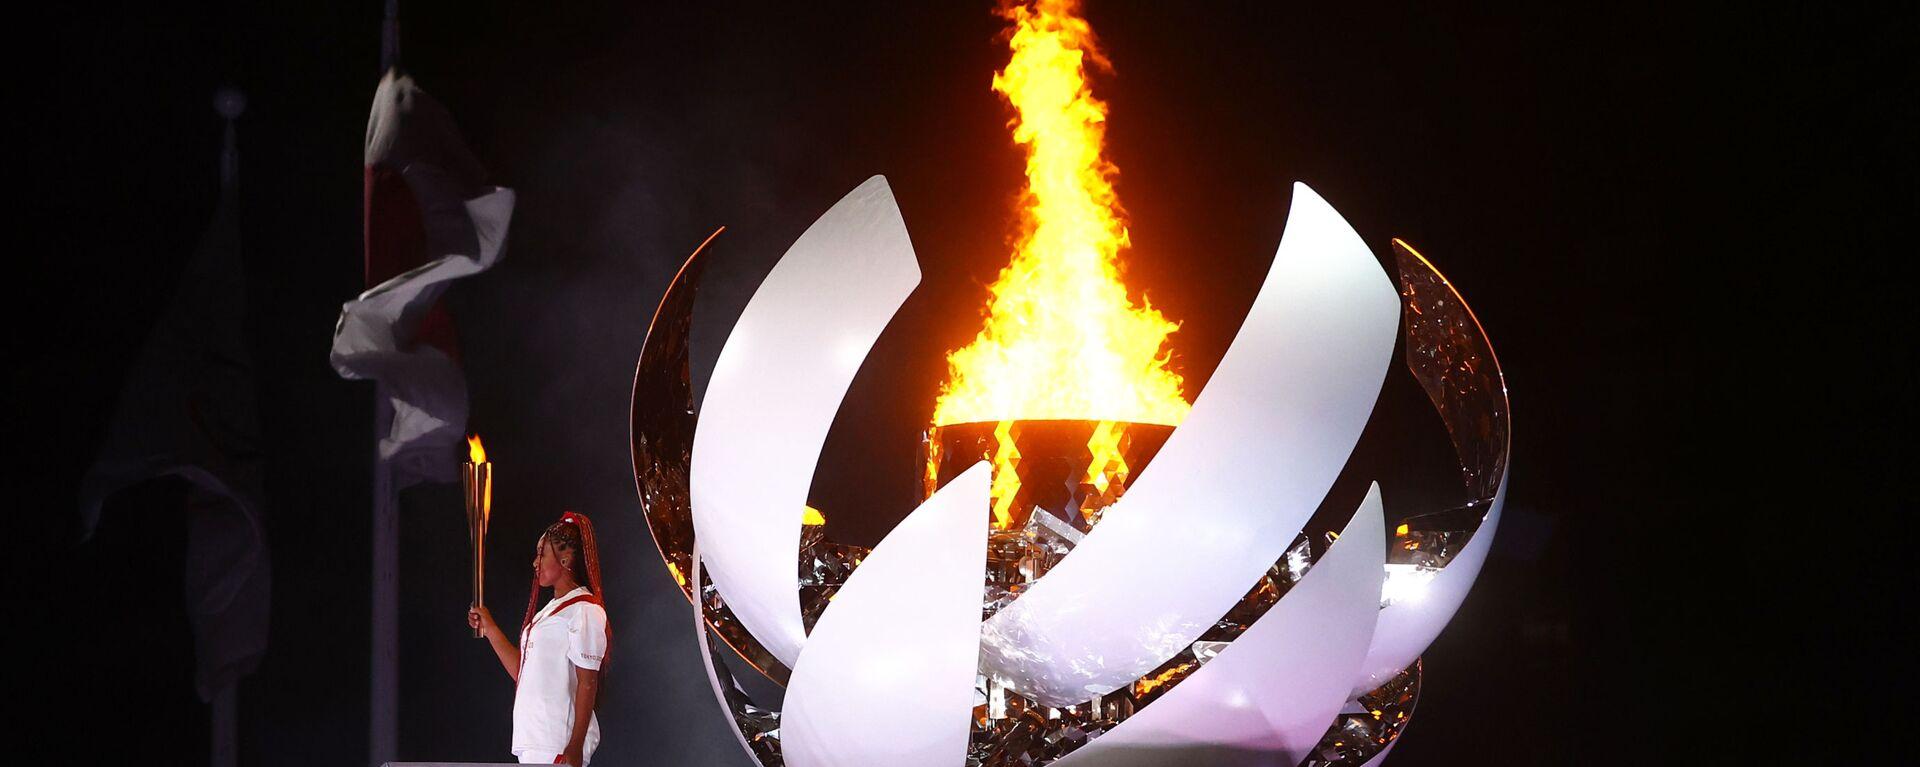 Наоми Осака из Японии держит олимпийский факел после зажжения олимпийского котла на церемонии открытия  - Sputnik Mundo, 1920, 24.07.2021